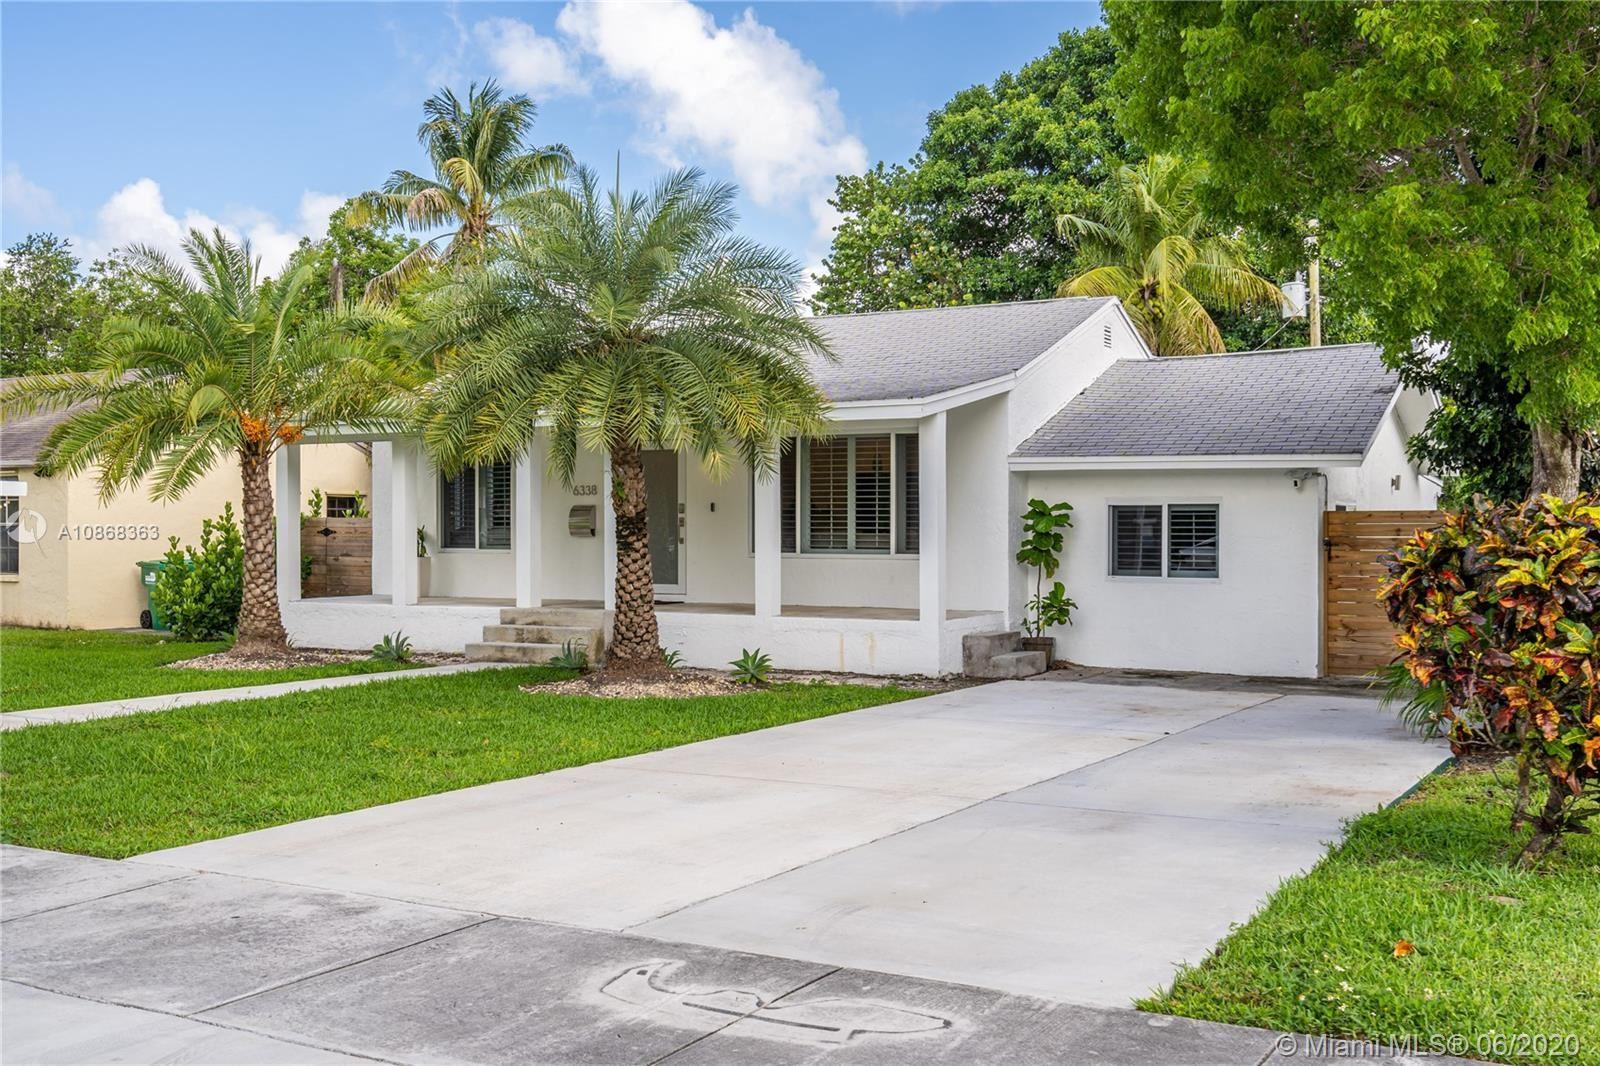 6338 SW 37th St, Miami, FL 33155 - #: A10868363